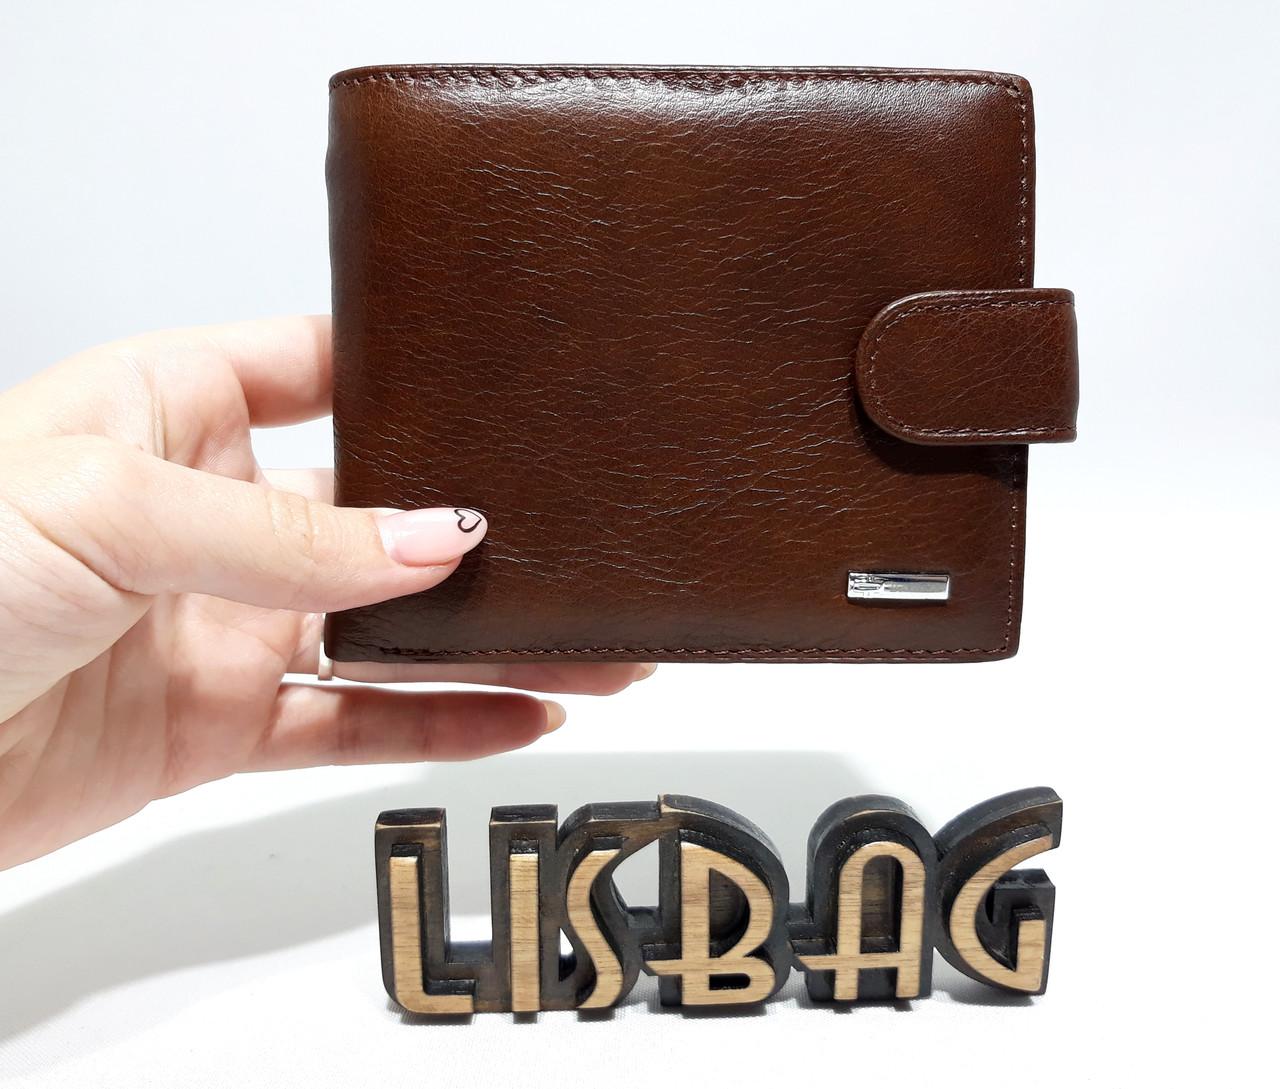 c987837aaacc Мужской кожаный кошелек/зажим Balisa на кнопке для денег, повседневная  носка коричневый